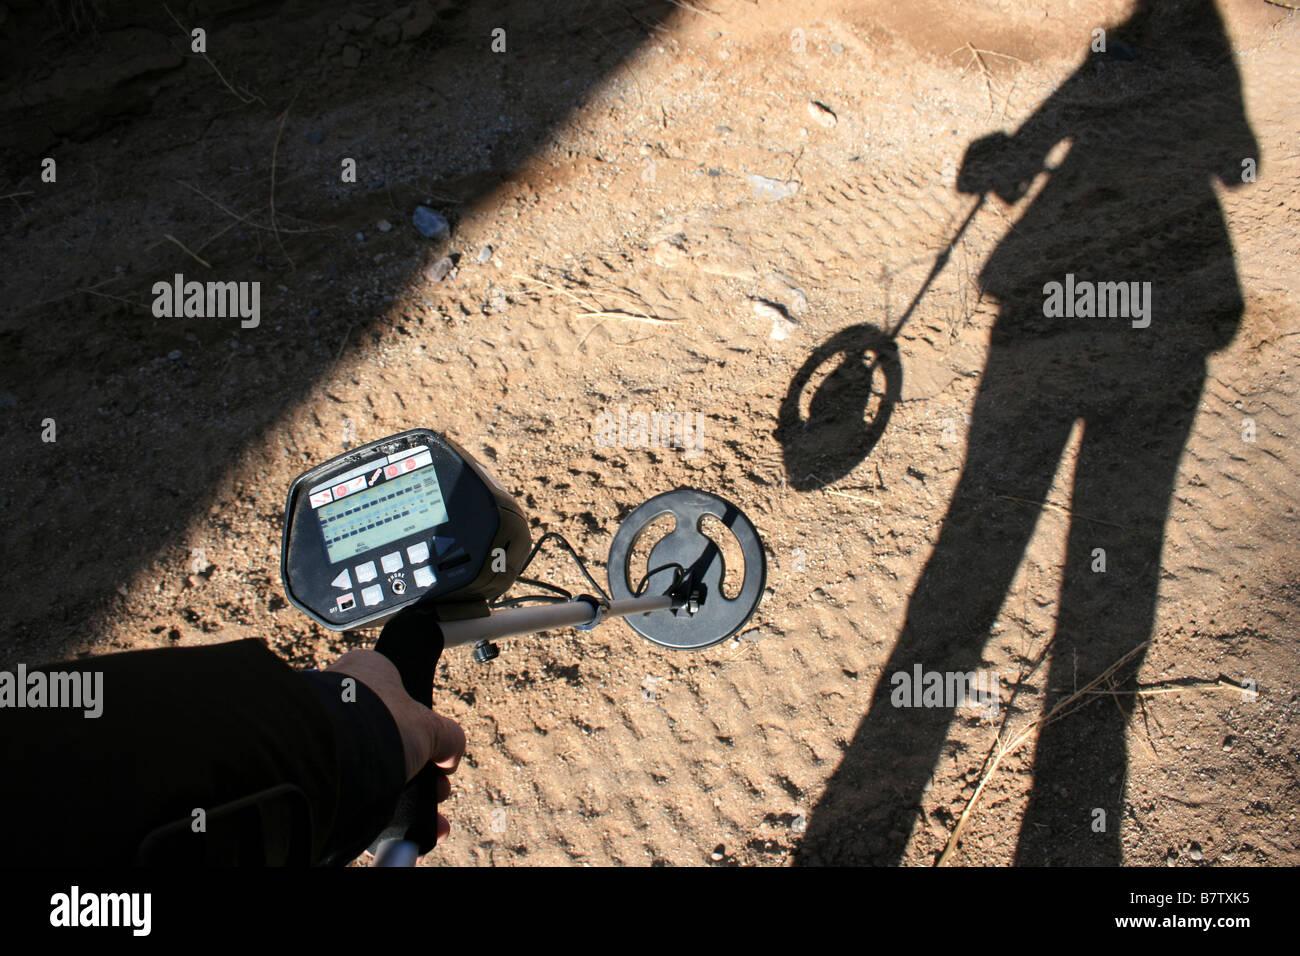 eine Person mit einem Metalldetektor nach Münzen suchen Stockbild